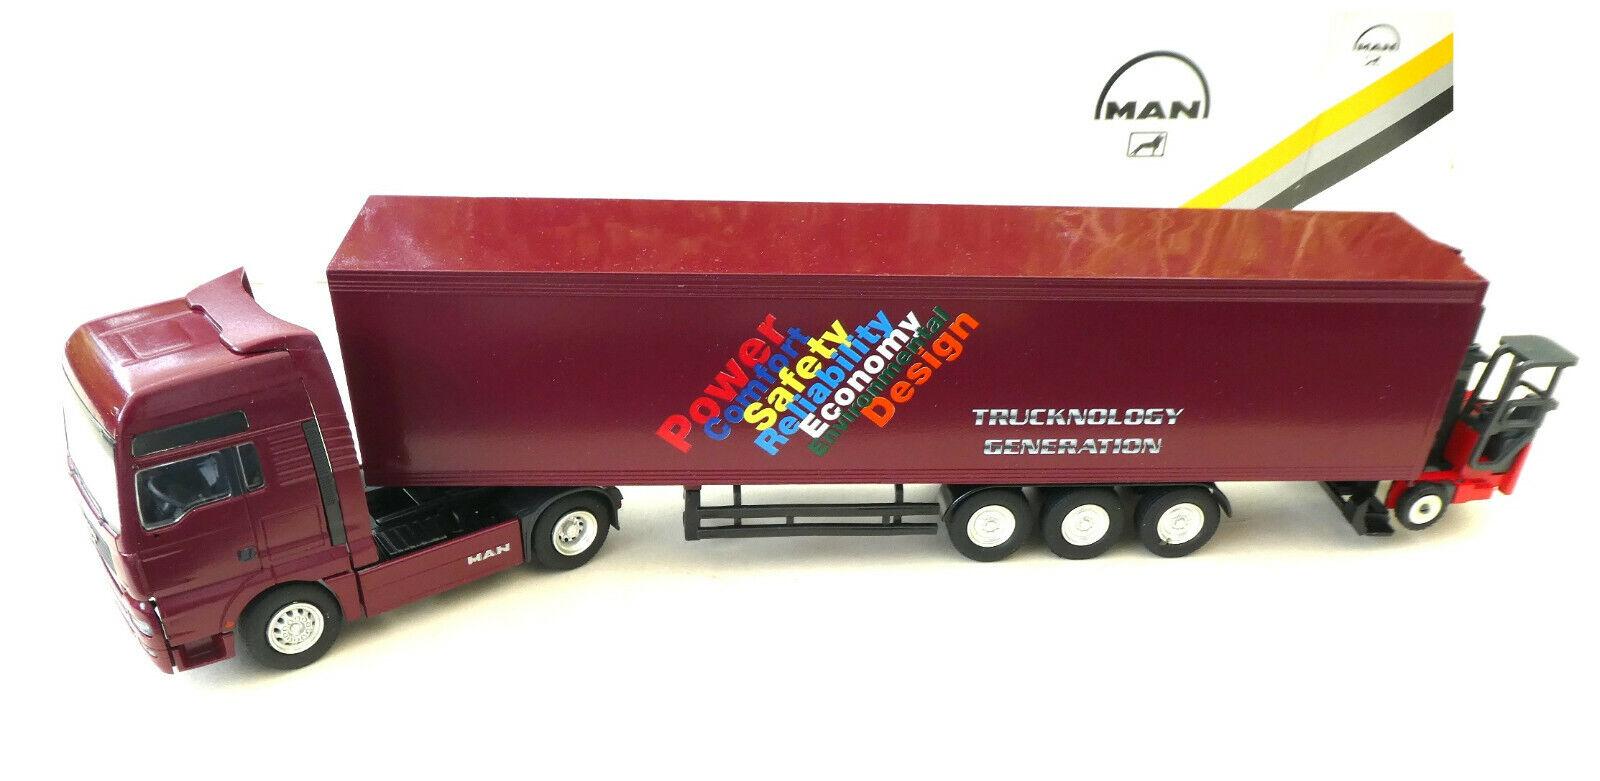 On camion neuf dans sa boîte 1 50  Conrad 6607 0 Man publicitaires modèle  4057  tout en haute qualité et prix bas